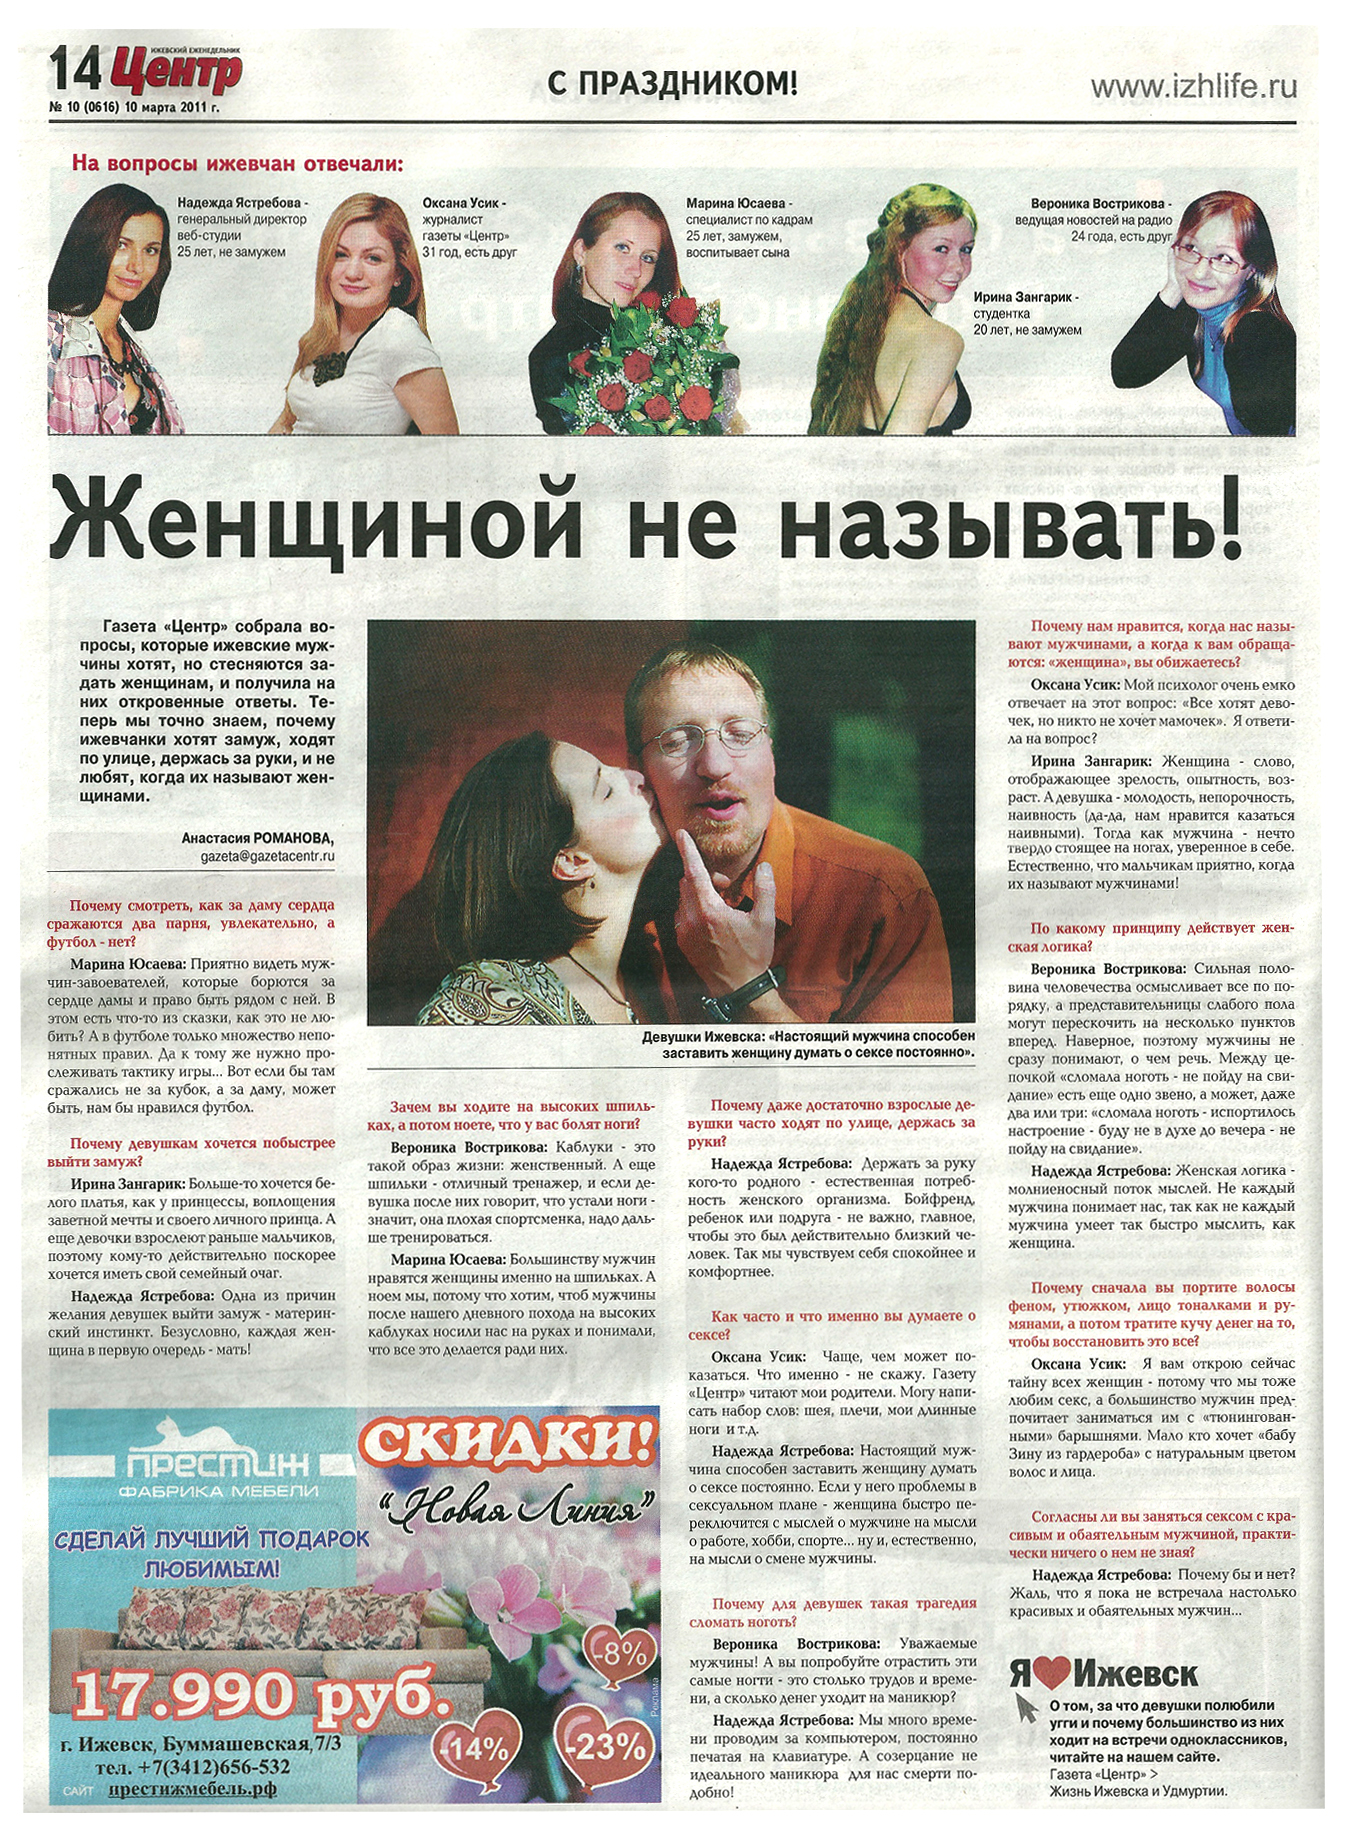 Сексуальные интересные вопросы 2 фотография